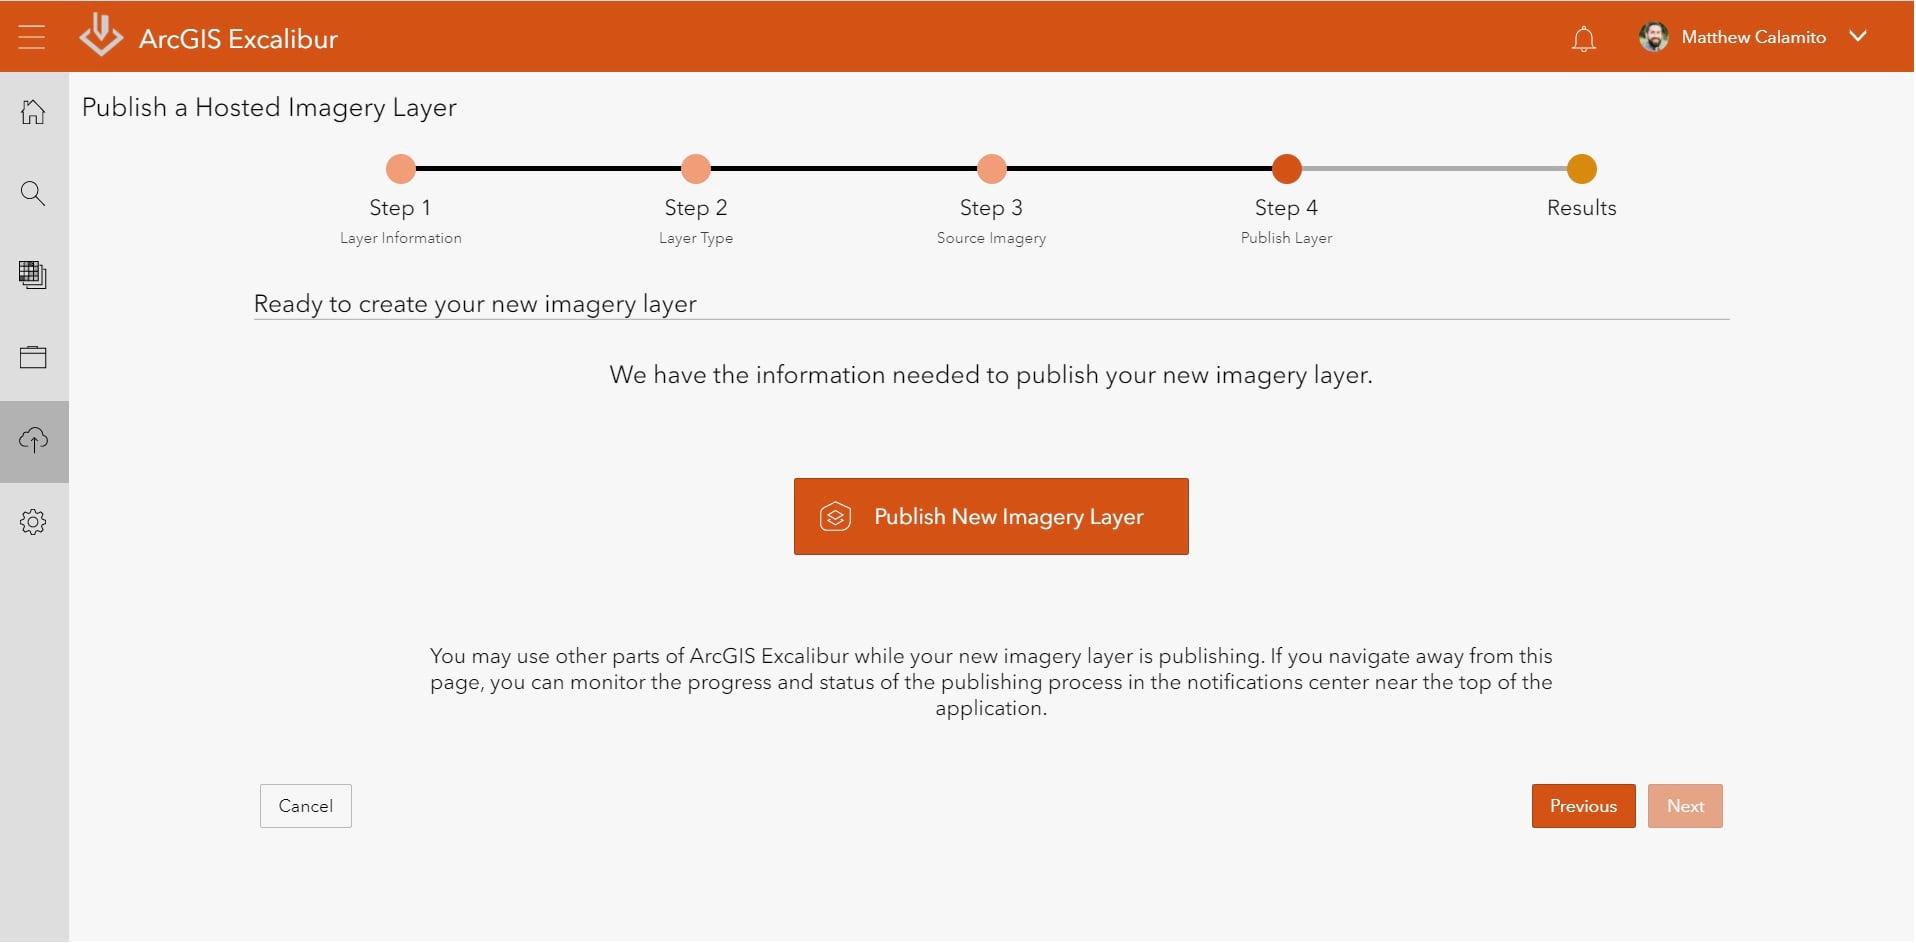 ArcGIS Excalibur Publish Imagery Step 4 - Publish Imagery